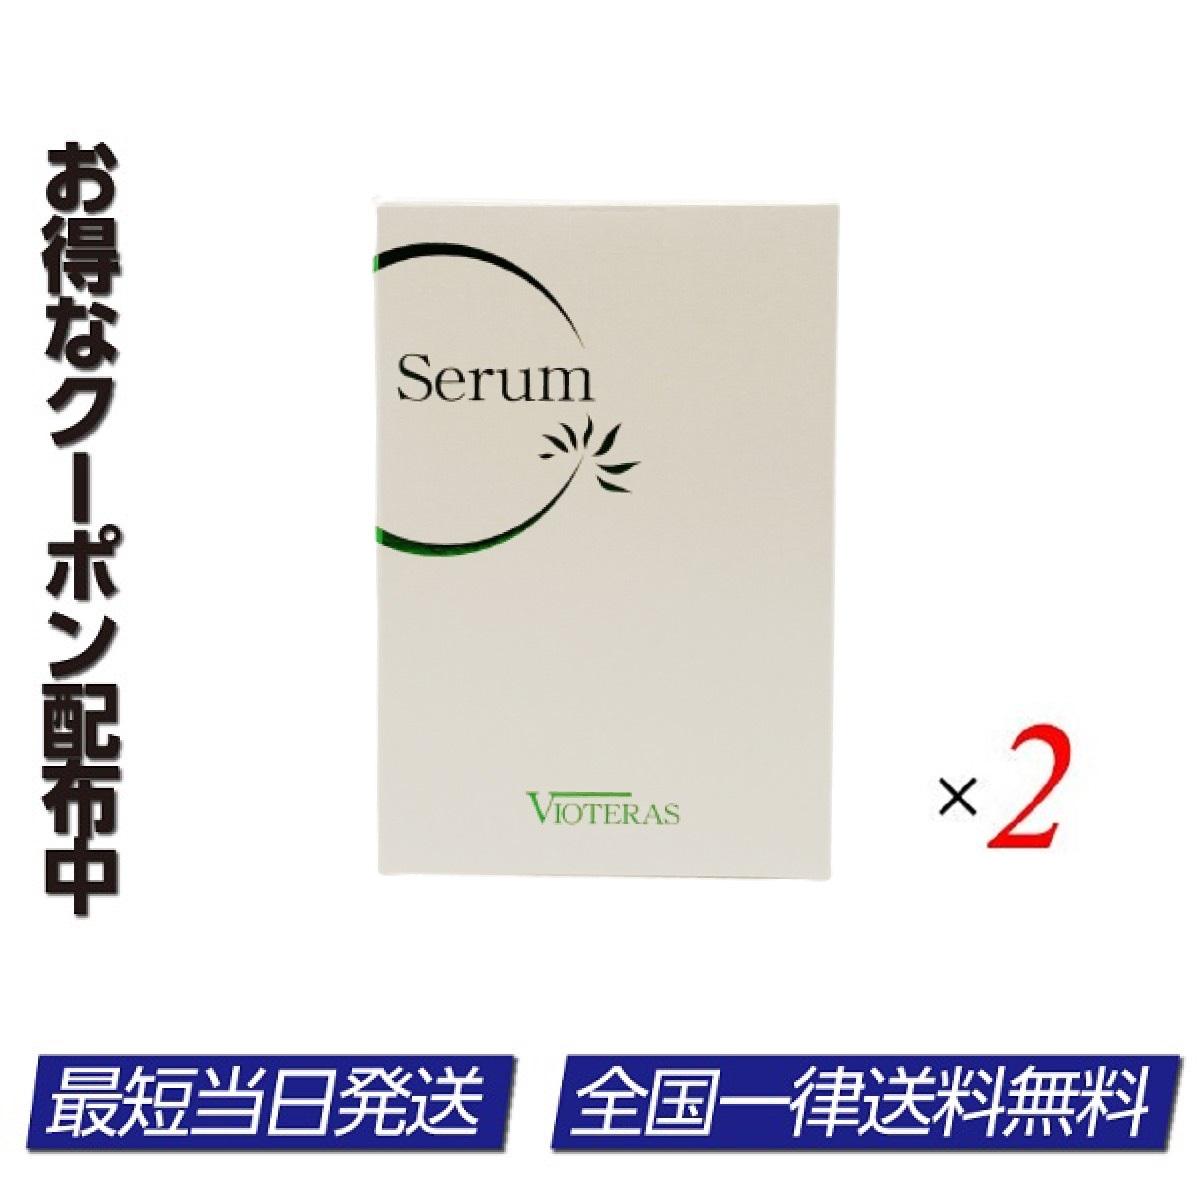 新作 大人気 ヴィオテラス C セラム 20ml コエンザイムQ10 2個セット シミしわ対策 注目ブランド